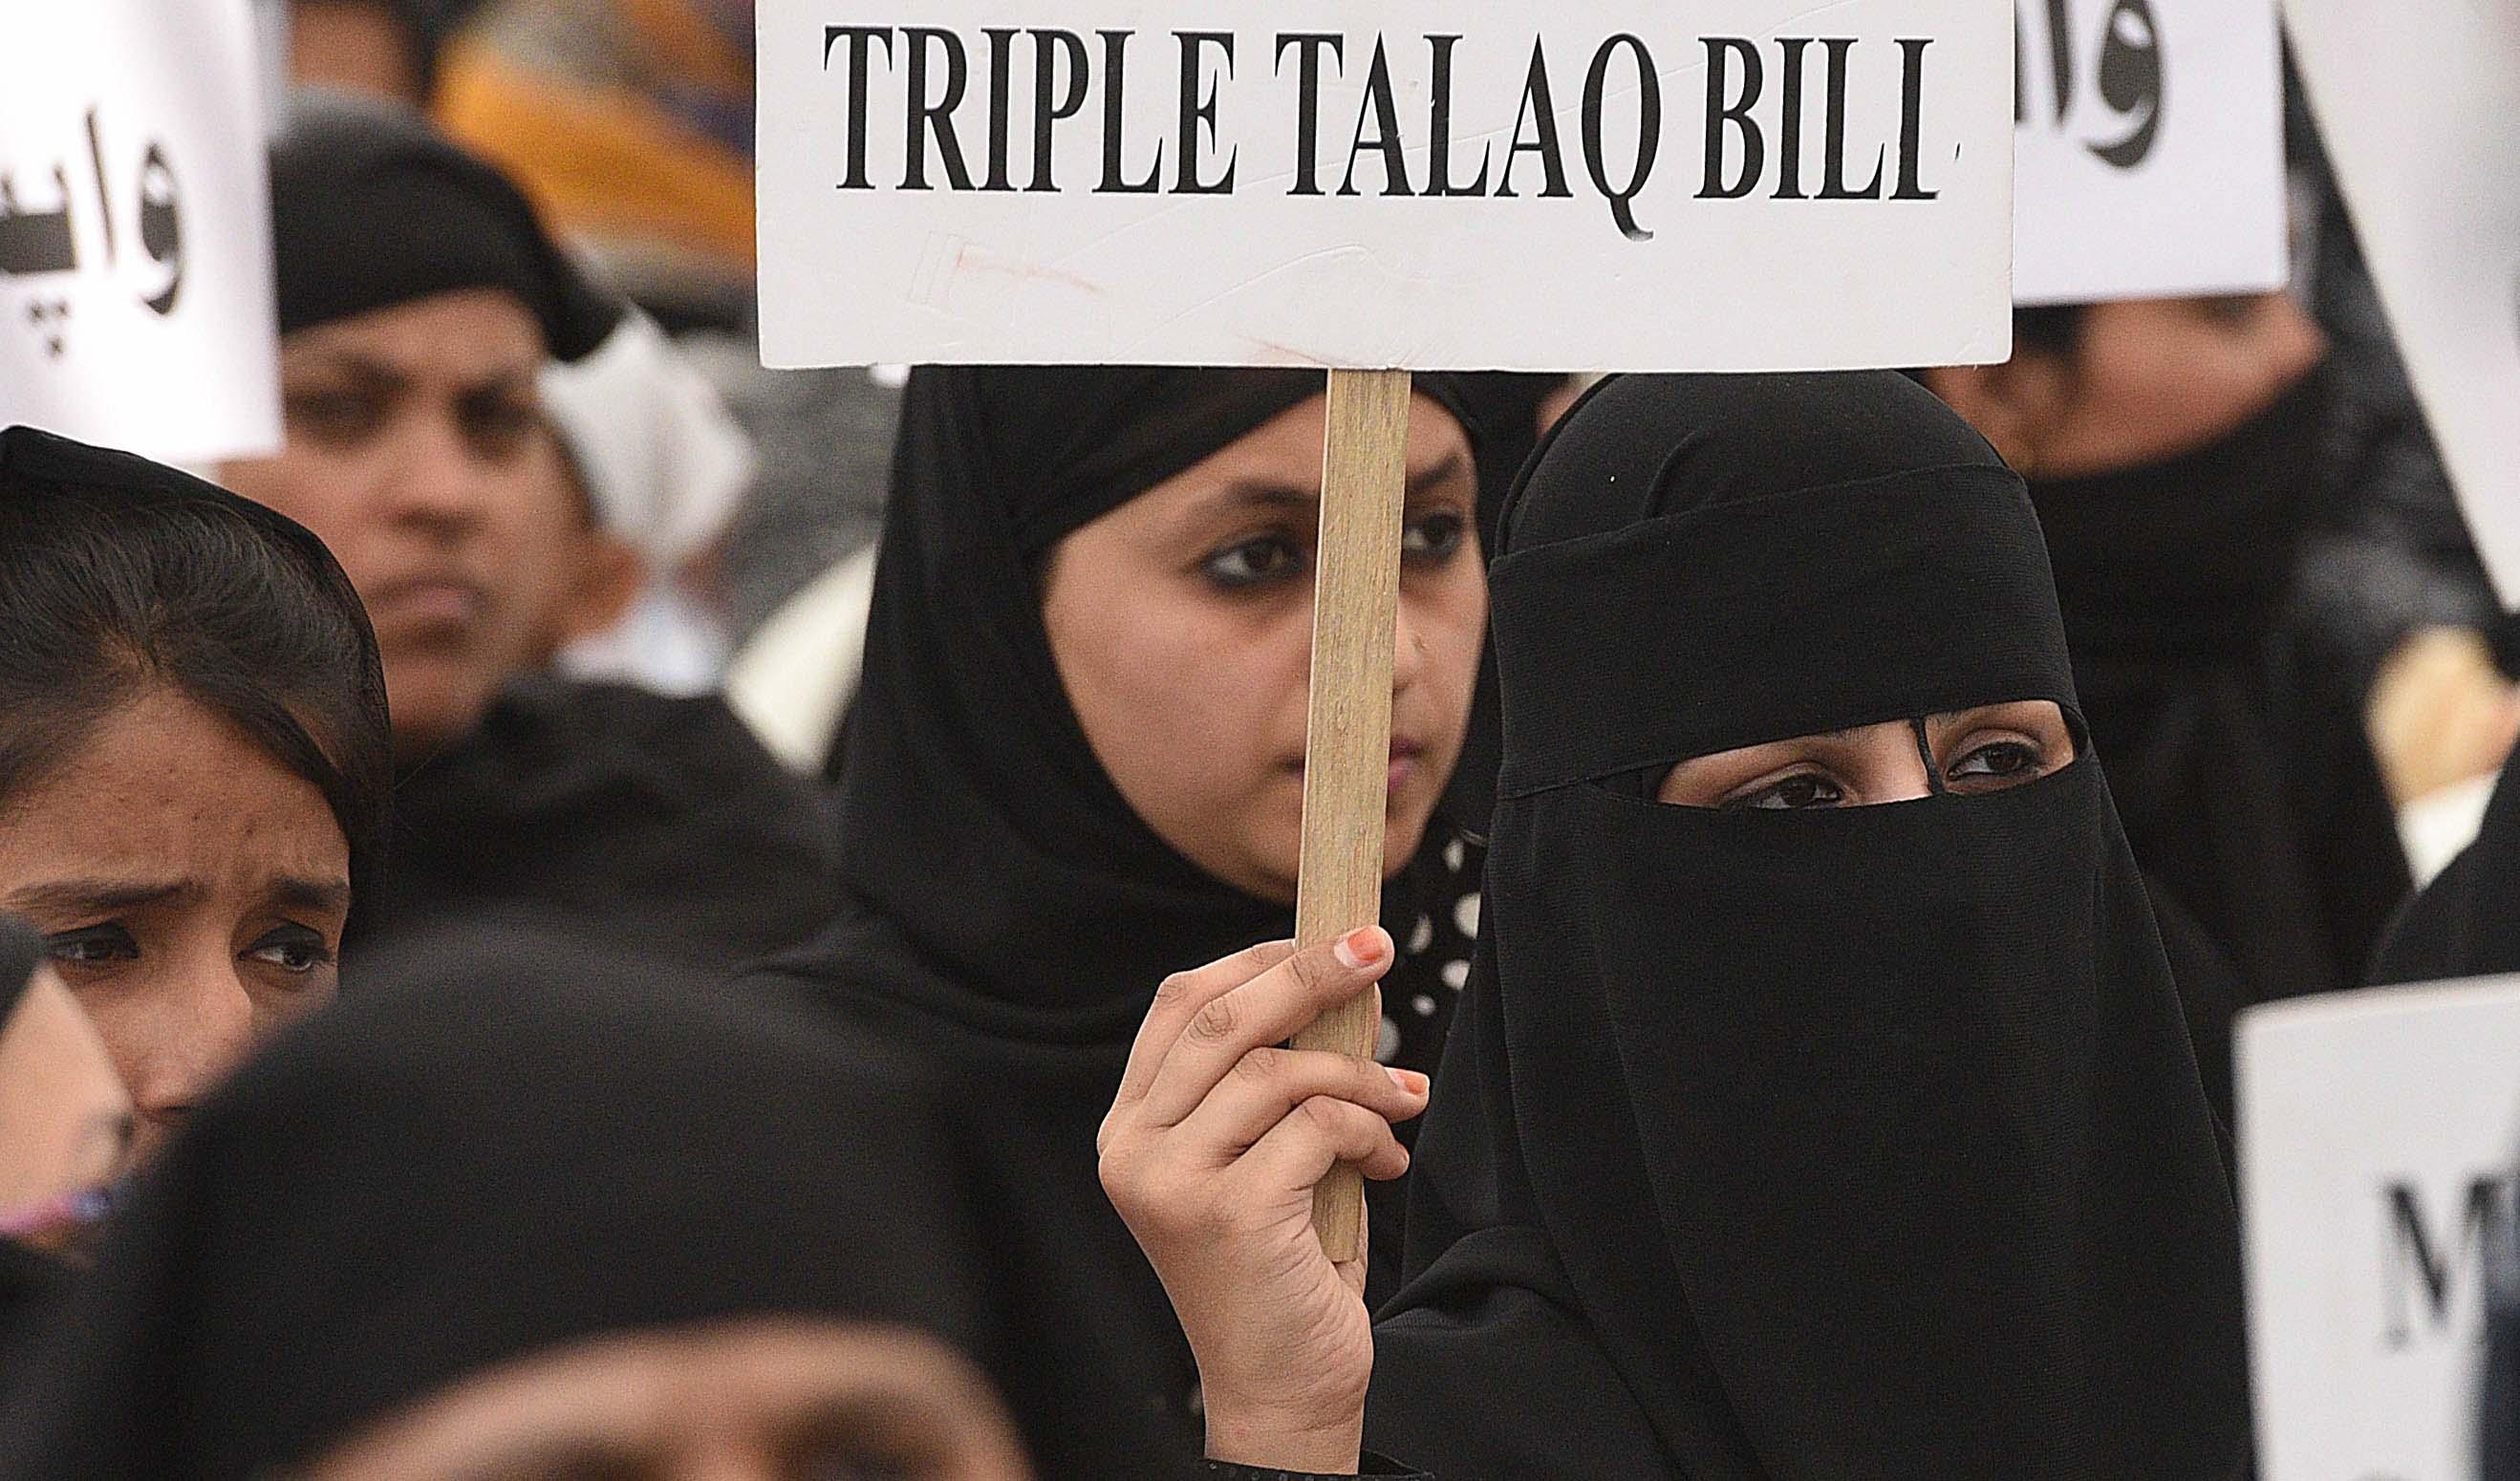 ट्रिपल तलाक पर कानून ना बना तो मोदी सरकार भी राजीव गांधी वाली गलती करेगी: आरिफ मोहम्मद